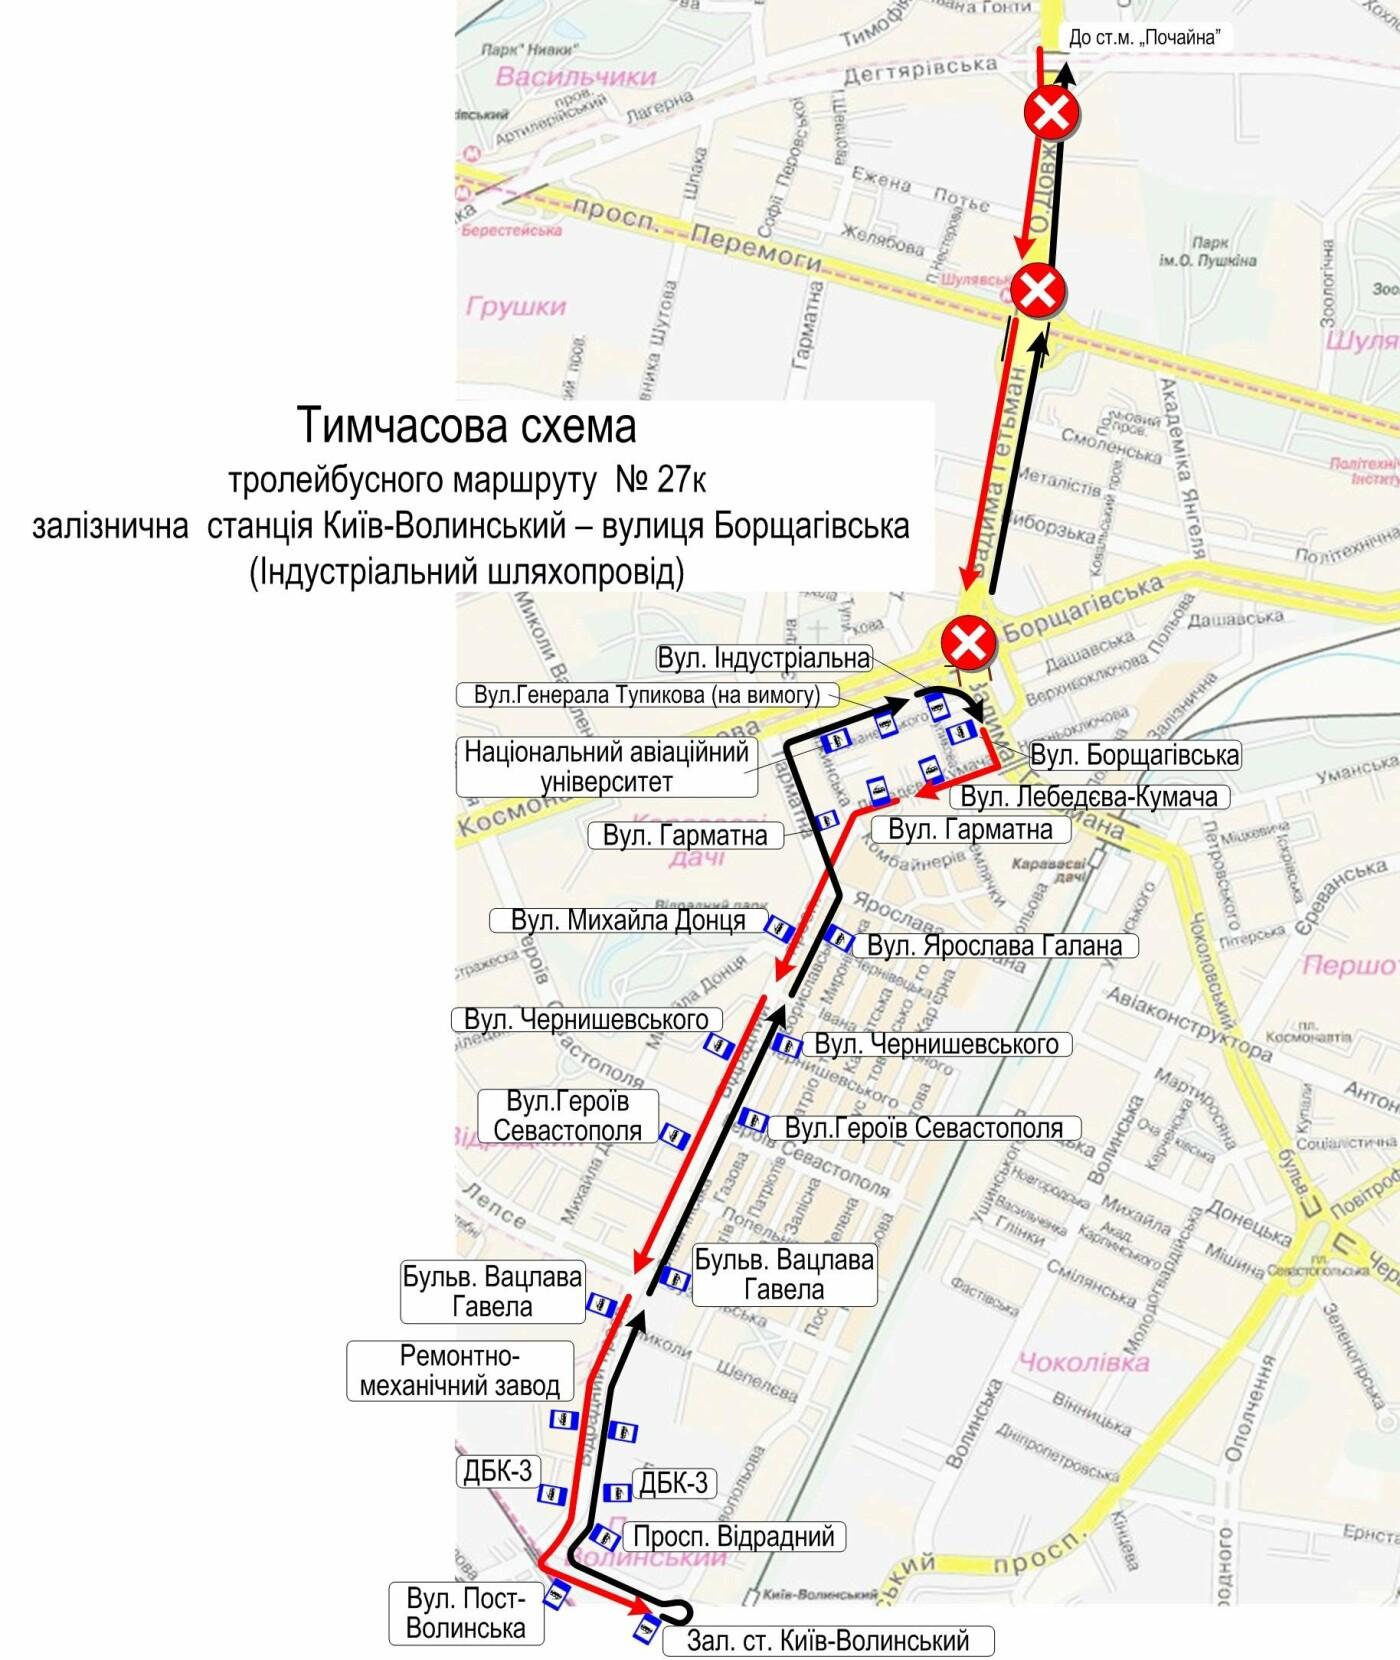 Перекрытие Шулявского моста: как изменятся маршруты общественного транспорта, фото-3